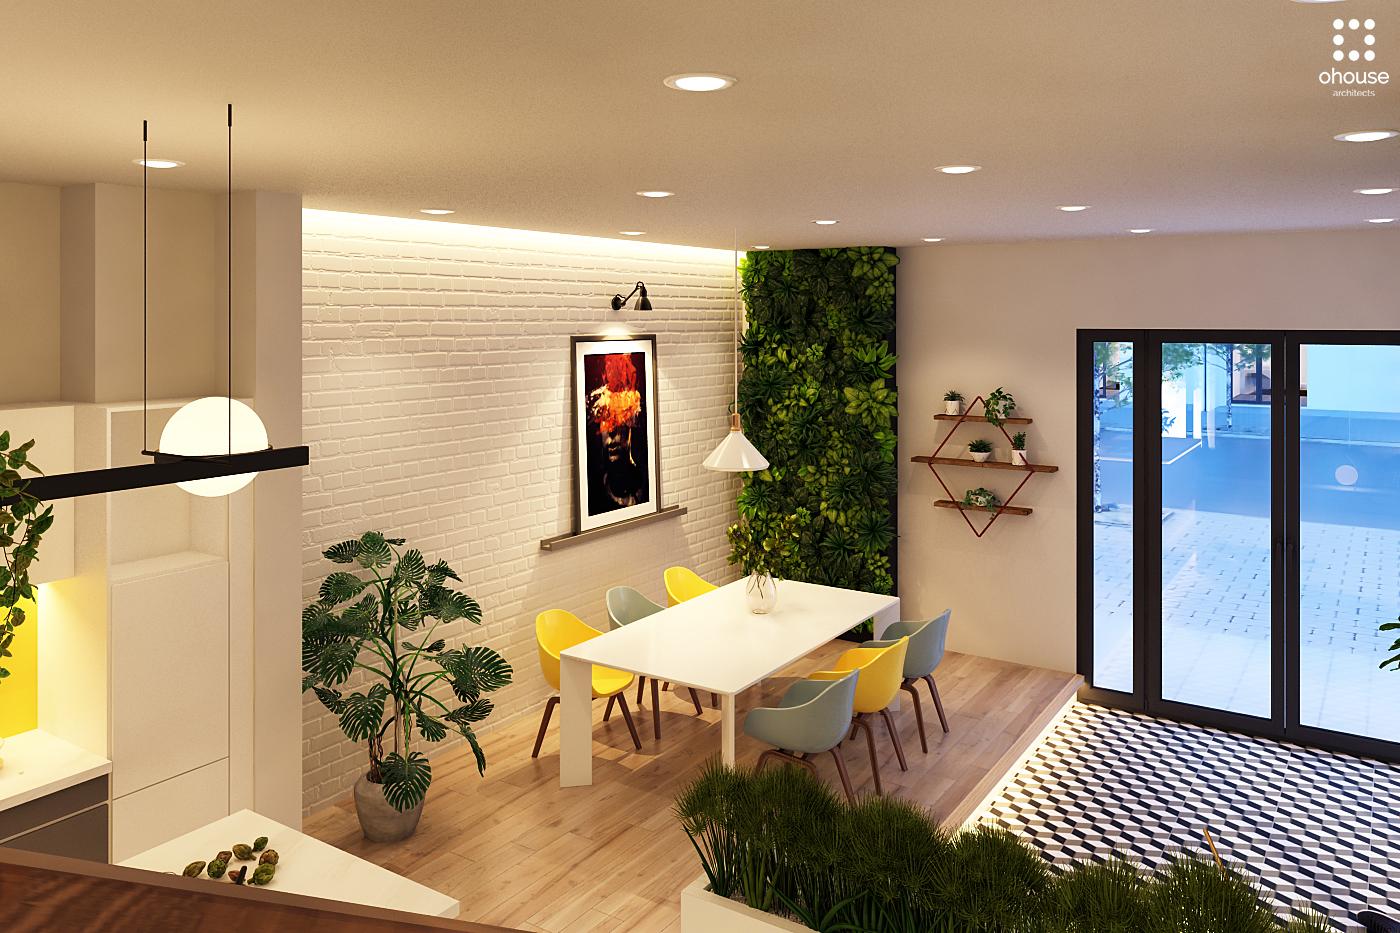 Thiết kế nội thất Nhà Mặt Phố tại Hồ Chí Minh Nội thất Nhà Phố Hà Đô 1590593224 8